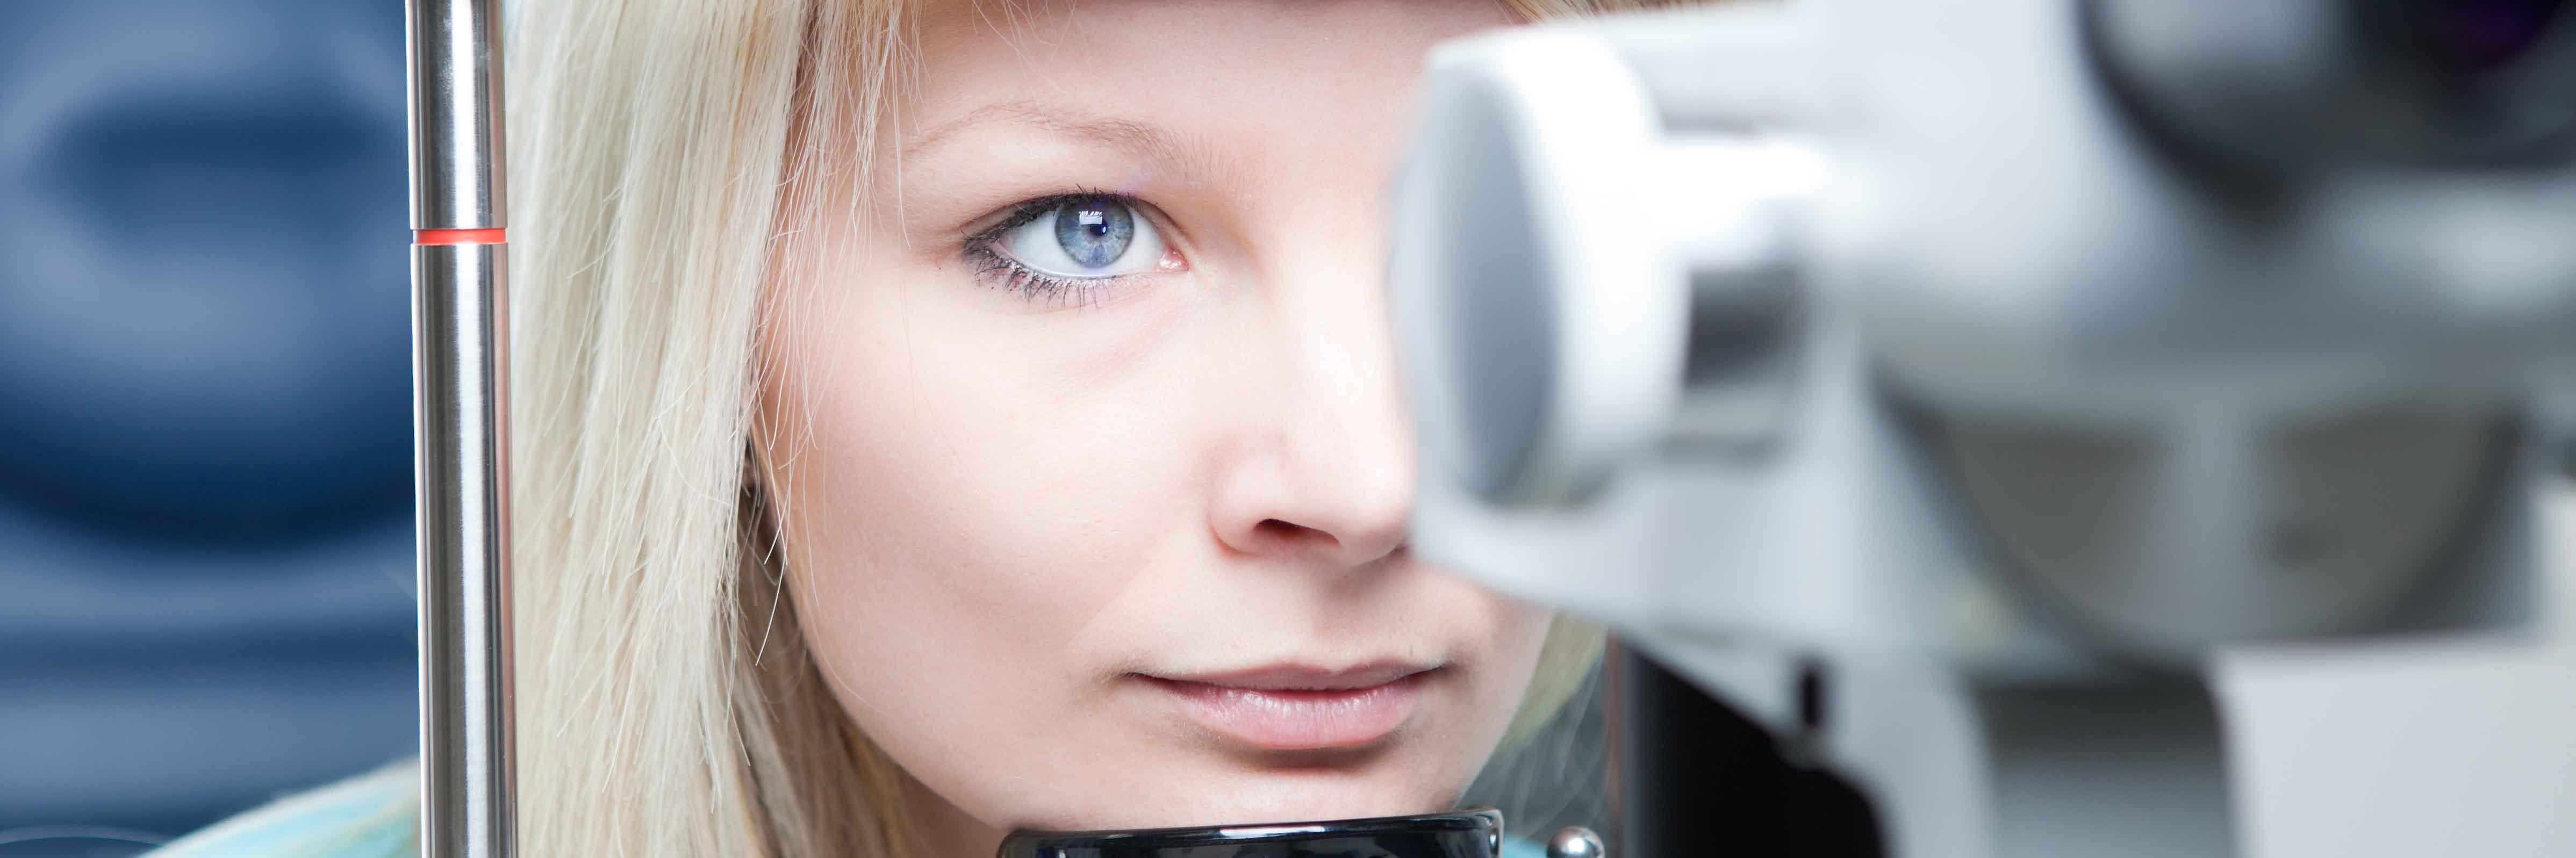 Látás hónapja Ingyenes látásvizsgálat szemüveg AKCIÓVAL • av-multitours.hu